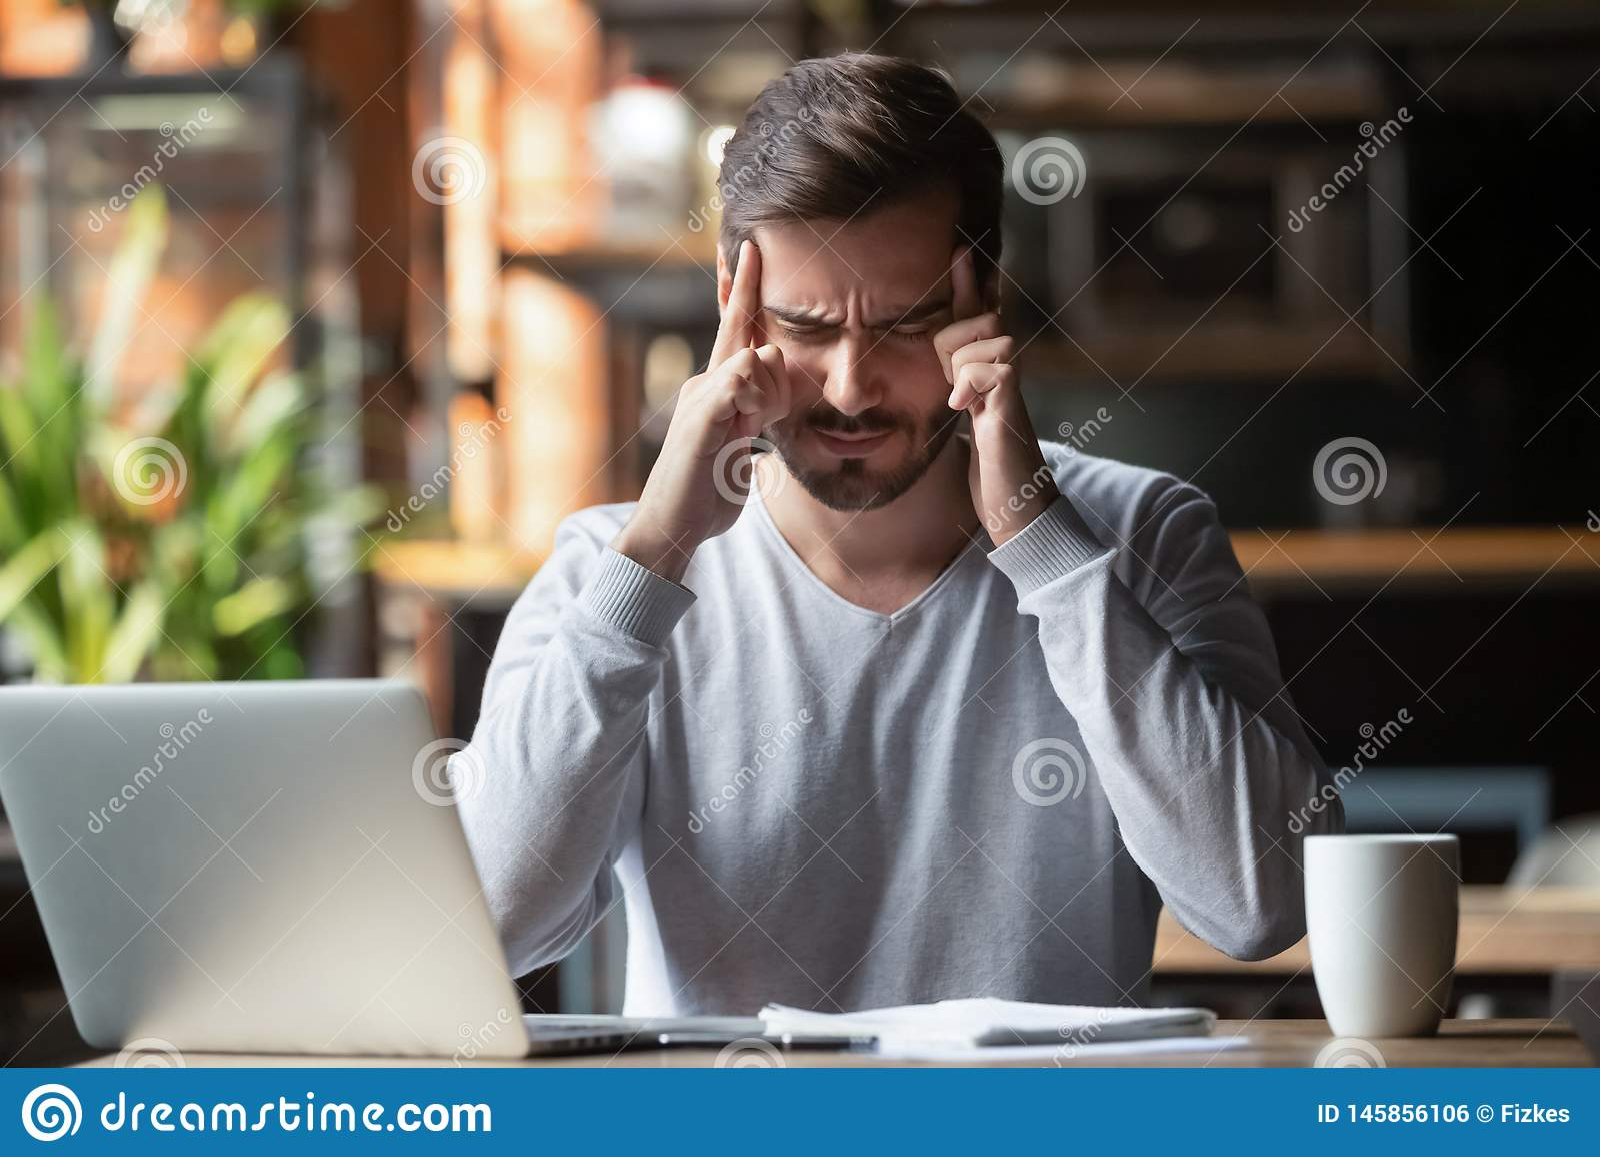 Mann, der mit der Fingerstirn denkt oder leidet unter Kopfschmerzen sich berührt